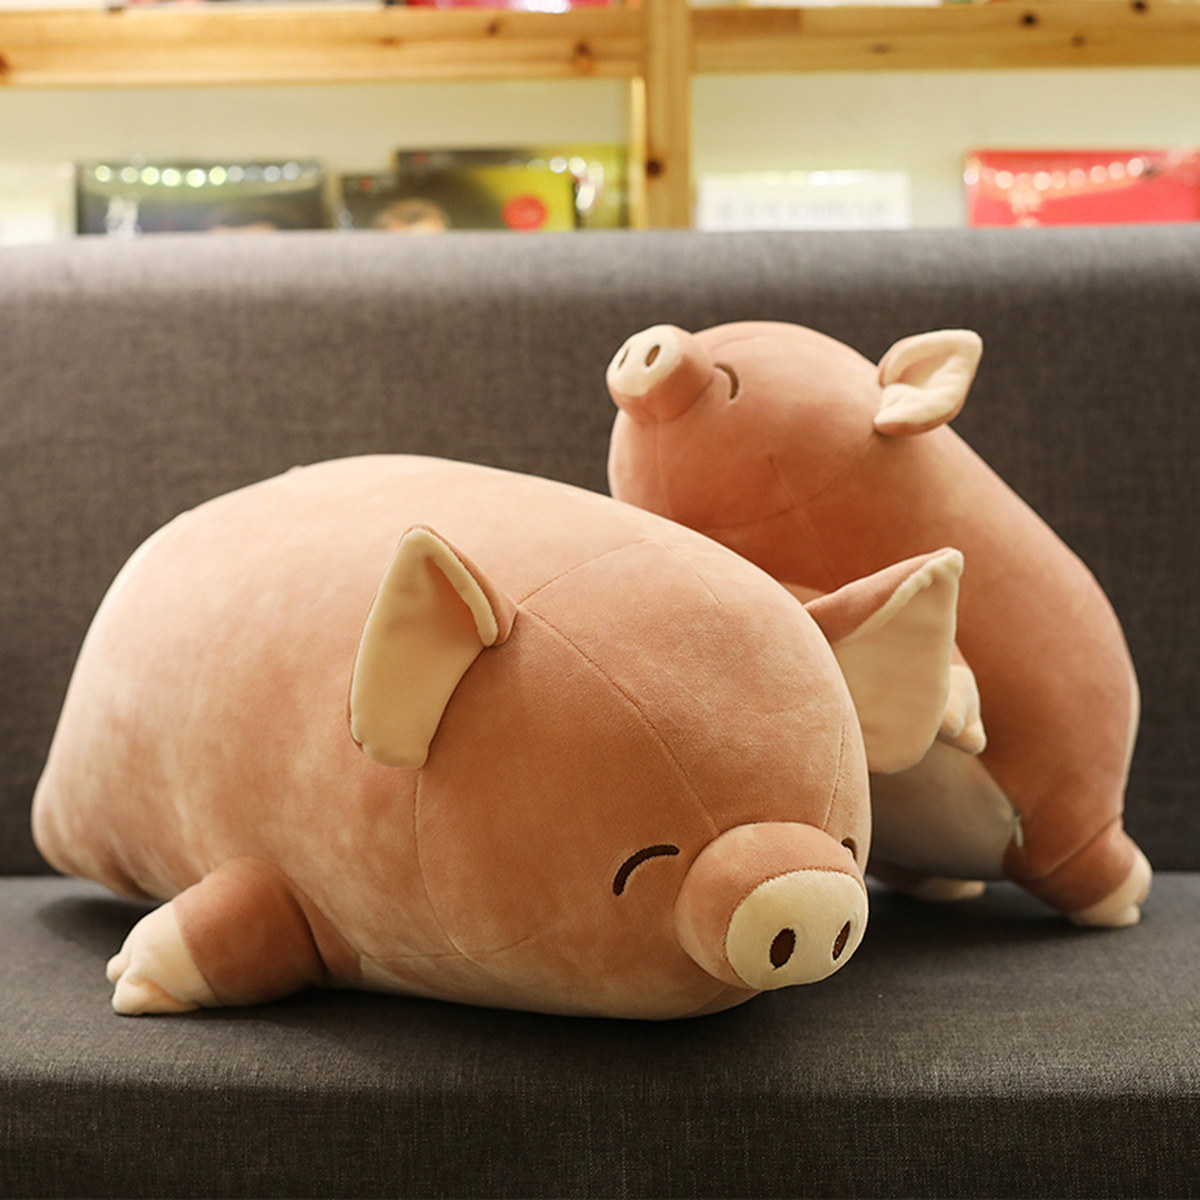 可愛小豬毛絨玩具玩偶公仔懶人抱著睡覺娃娃抱枕超萌搞怪韓國女孩